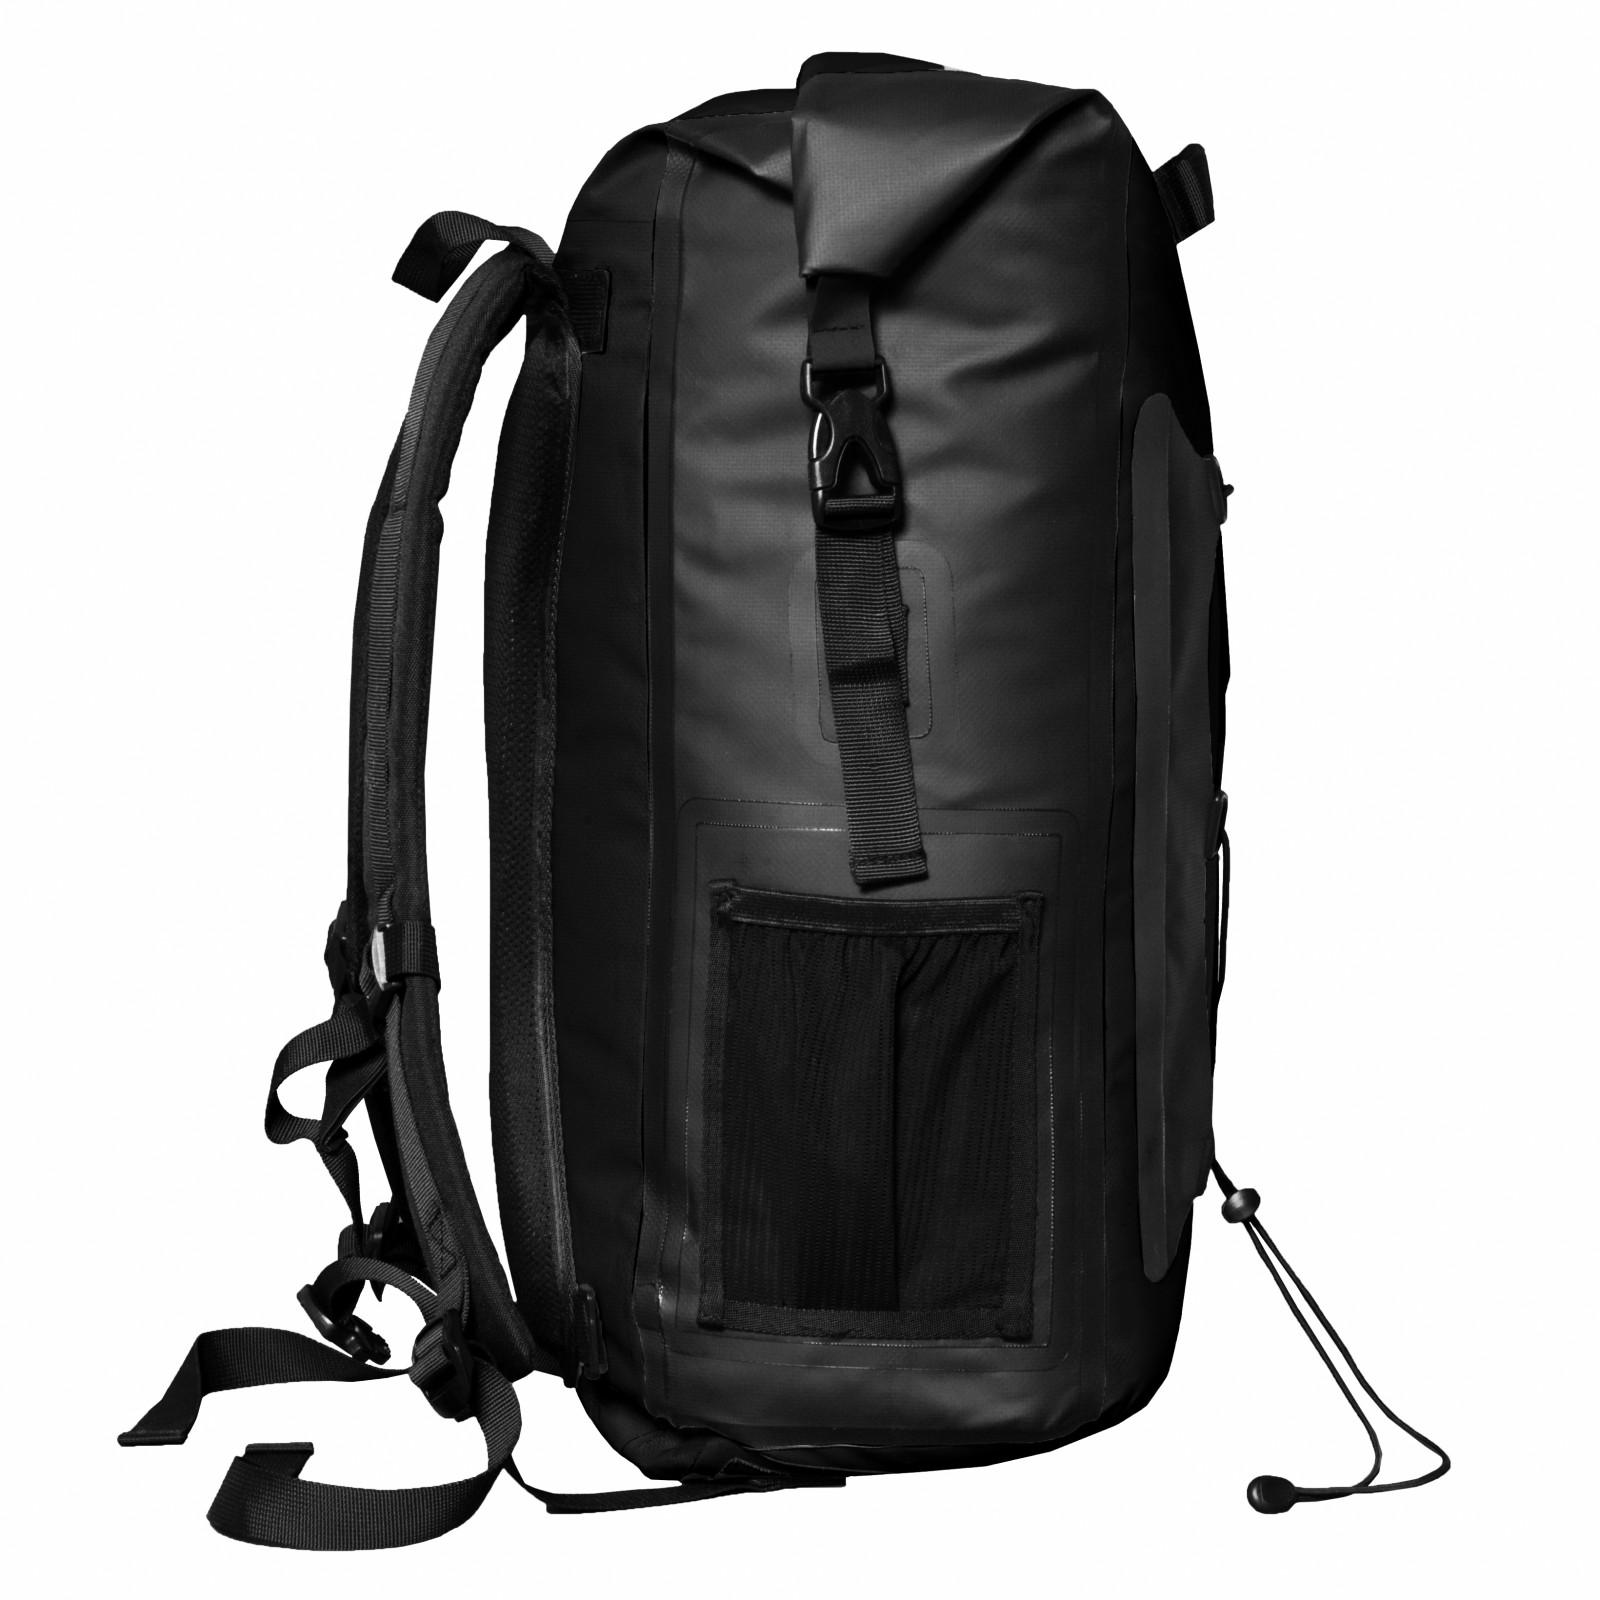 678e443453e41 Plecak Explorer 40l Black - FishDryPack